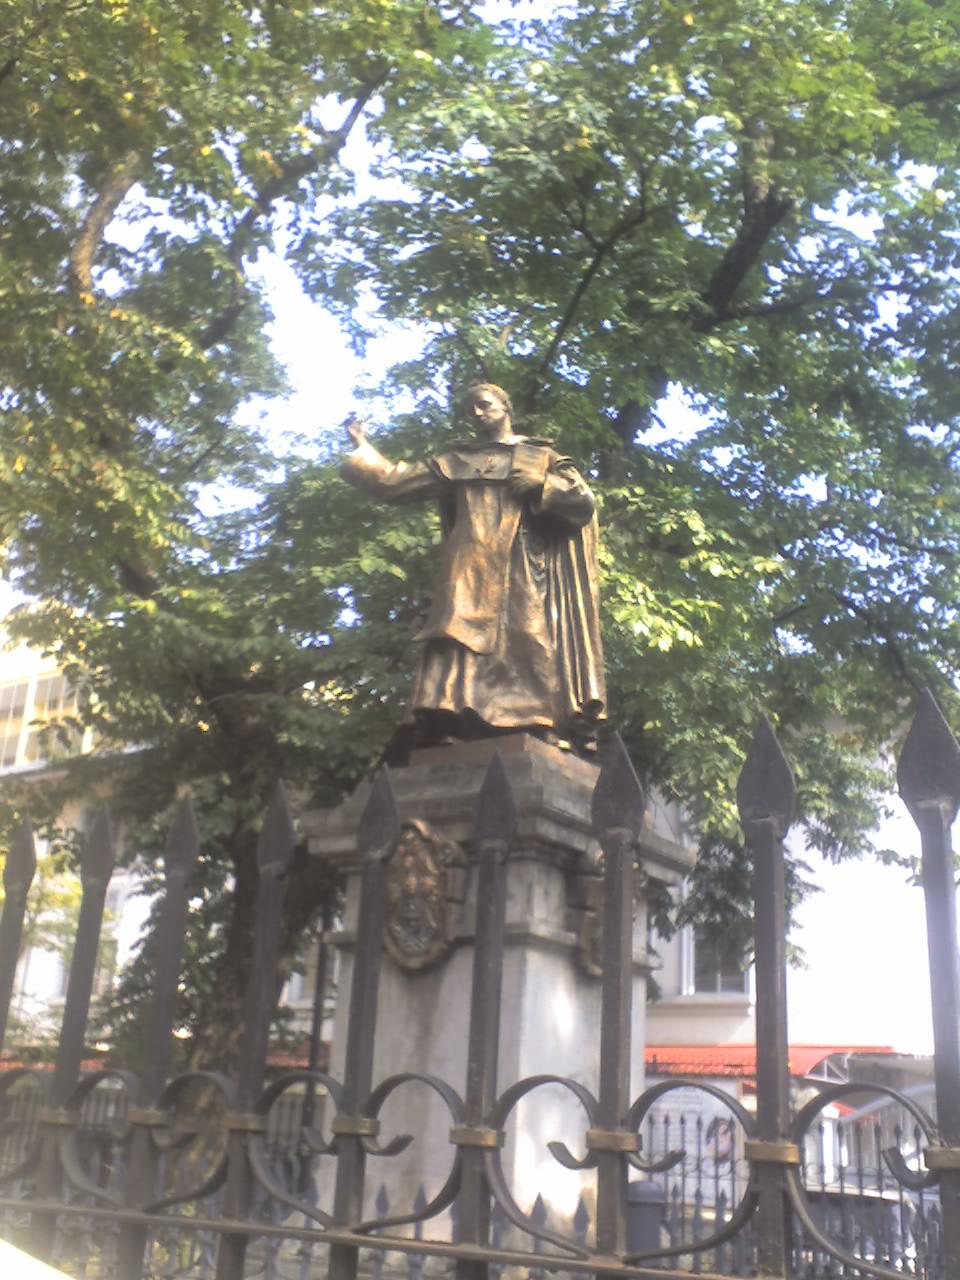 ARZOBISPO MIGUEL DE BENAVIDES, O.P. (1550-1605)